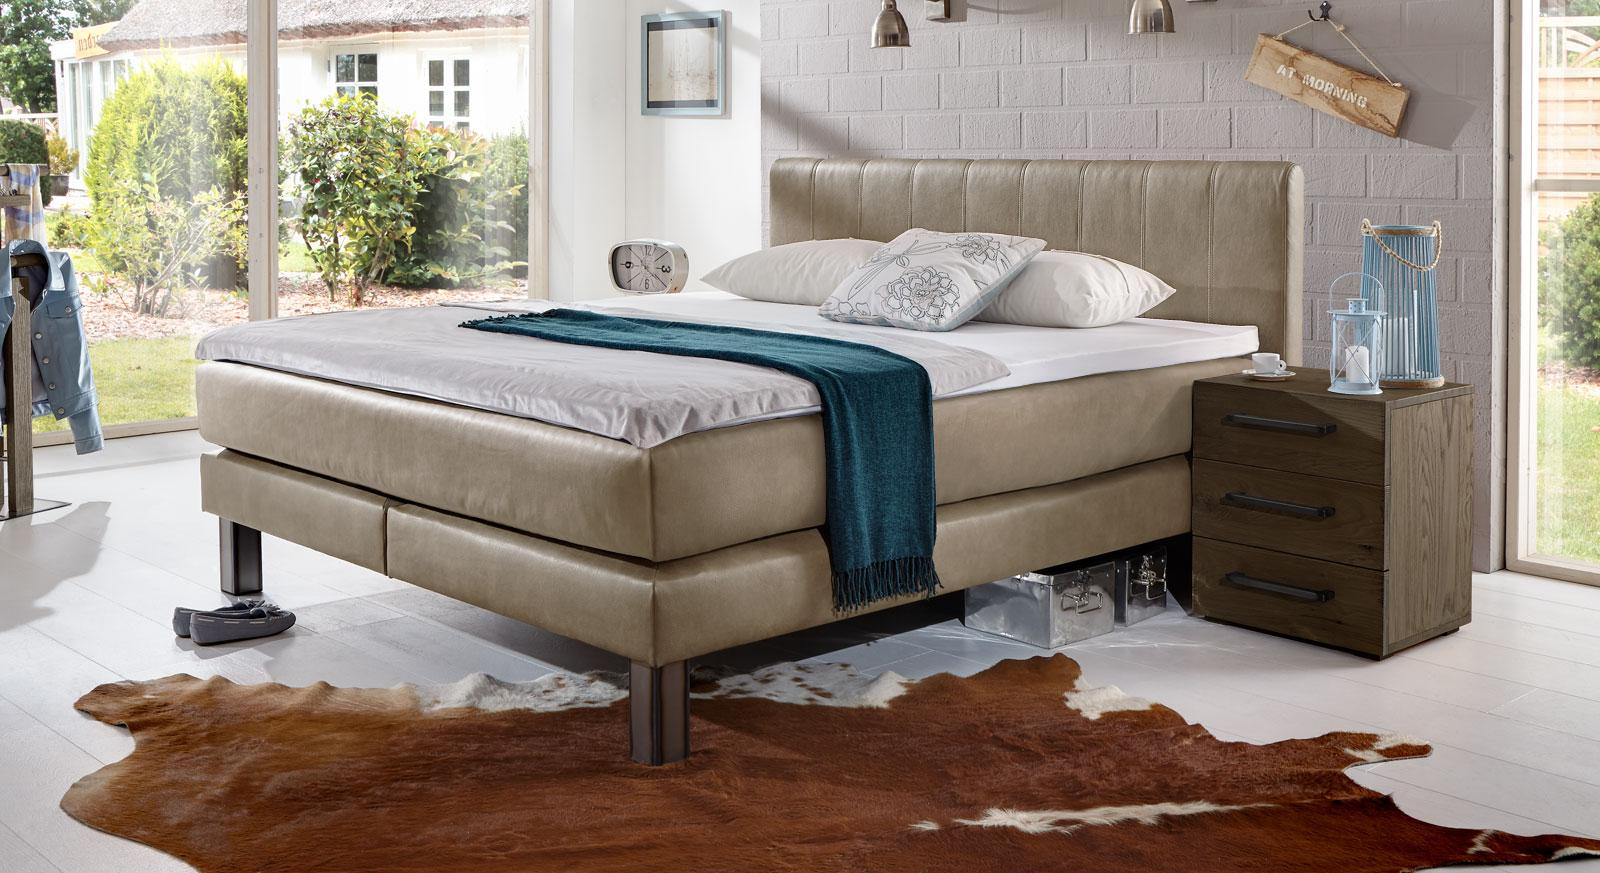 arbeitsplatte schwarz marmoriert ~ kreative ideen für design und ... - Moderne Boxspringbetten Schlafgefuhl